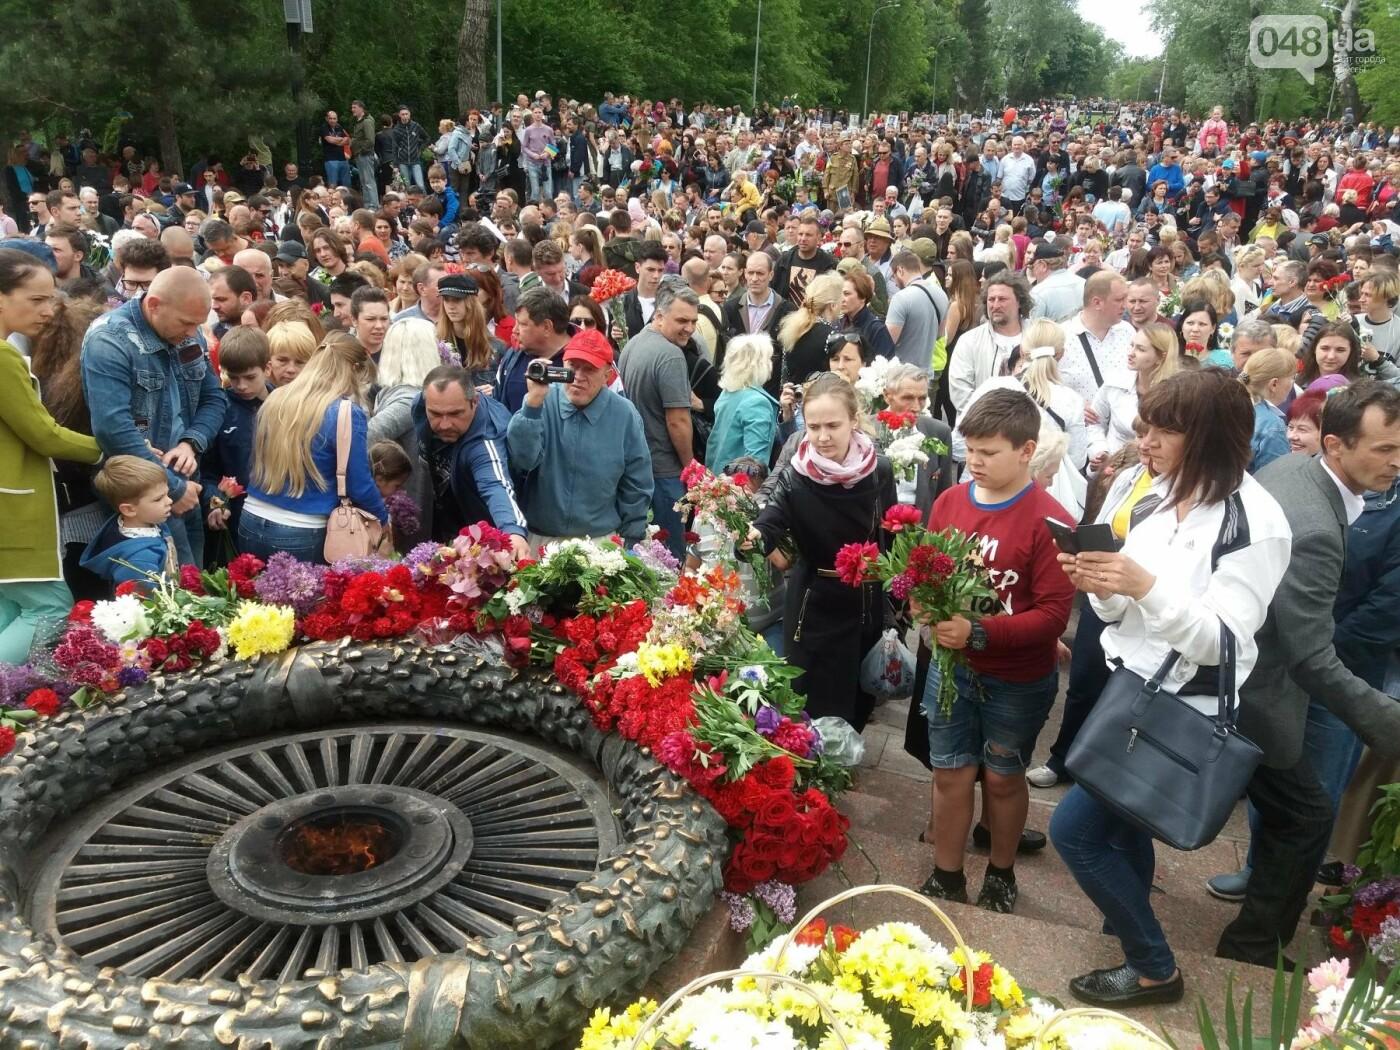 9 мая в Одессе: хронология событий и итоги, - ФОТО, ВИДЕО, фото-26